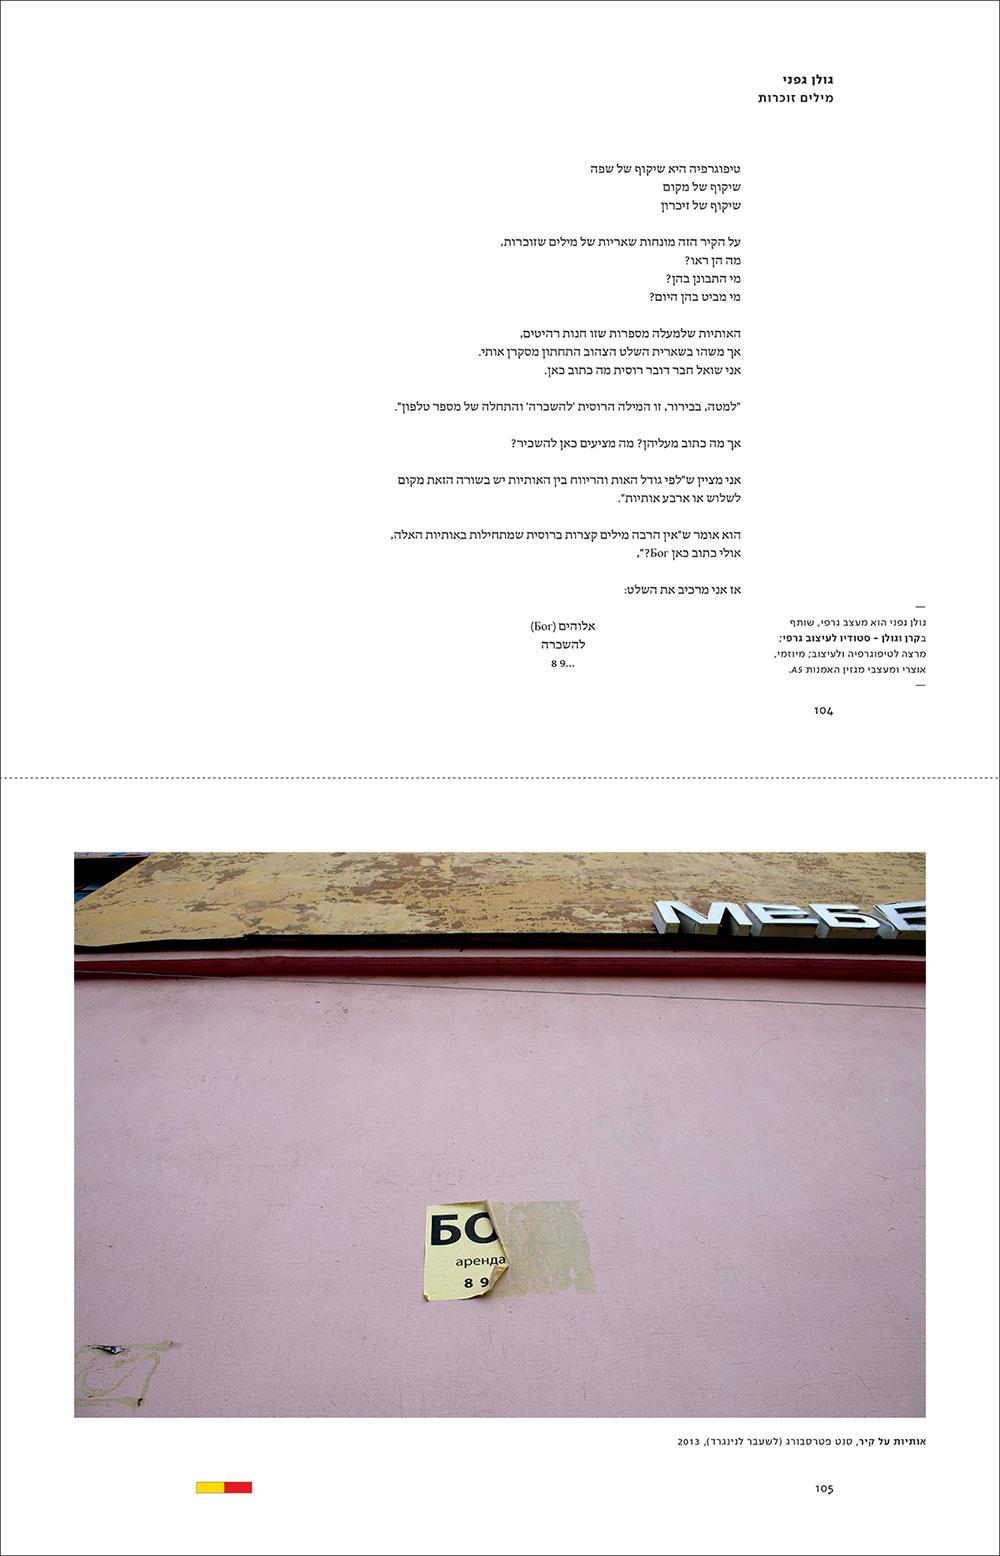 פנטומים, דנה אריאלי, עמודים 104-105